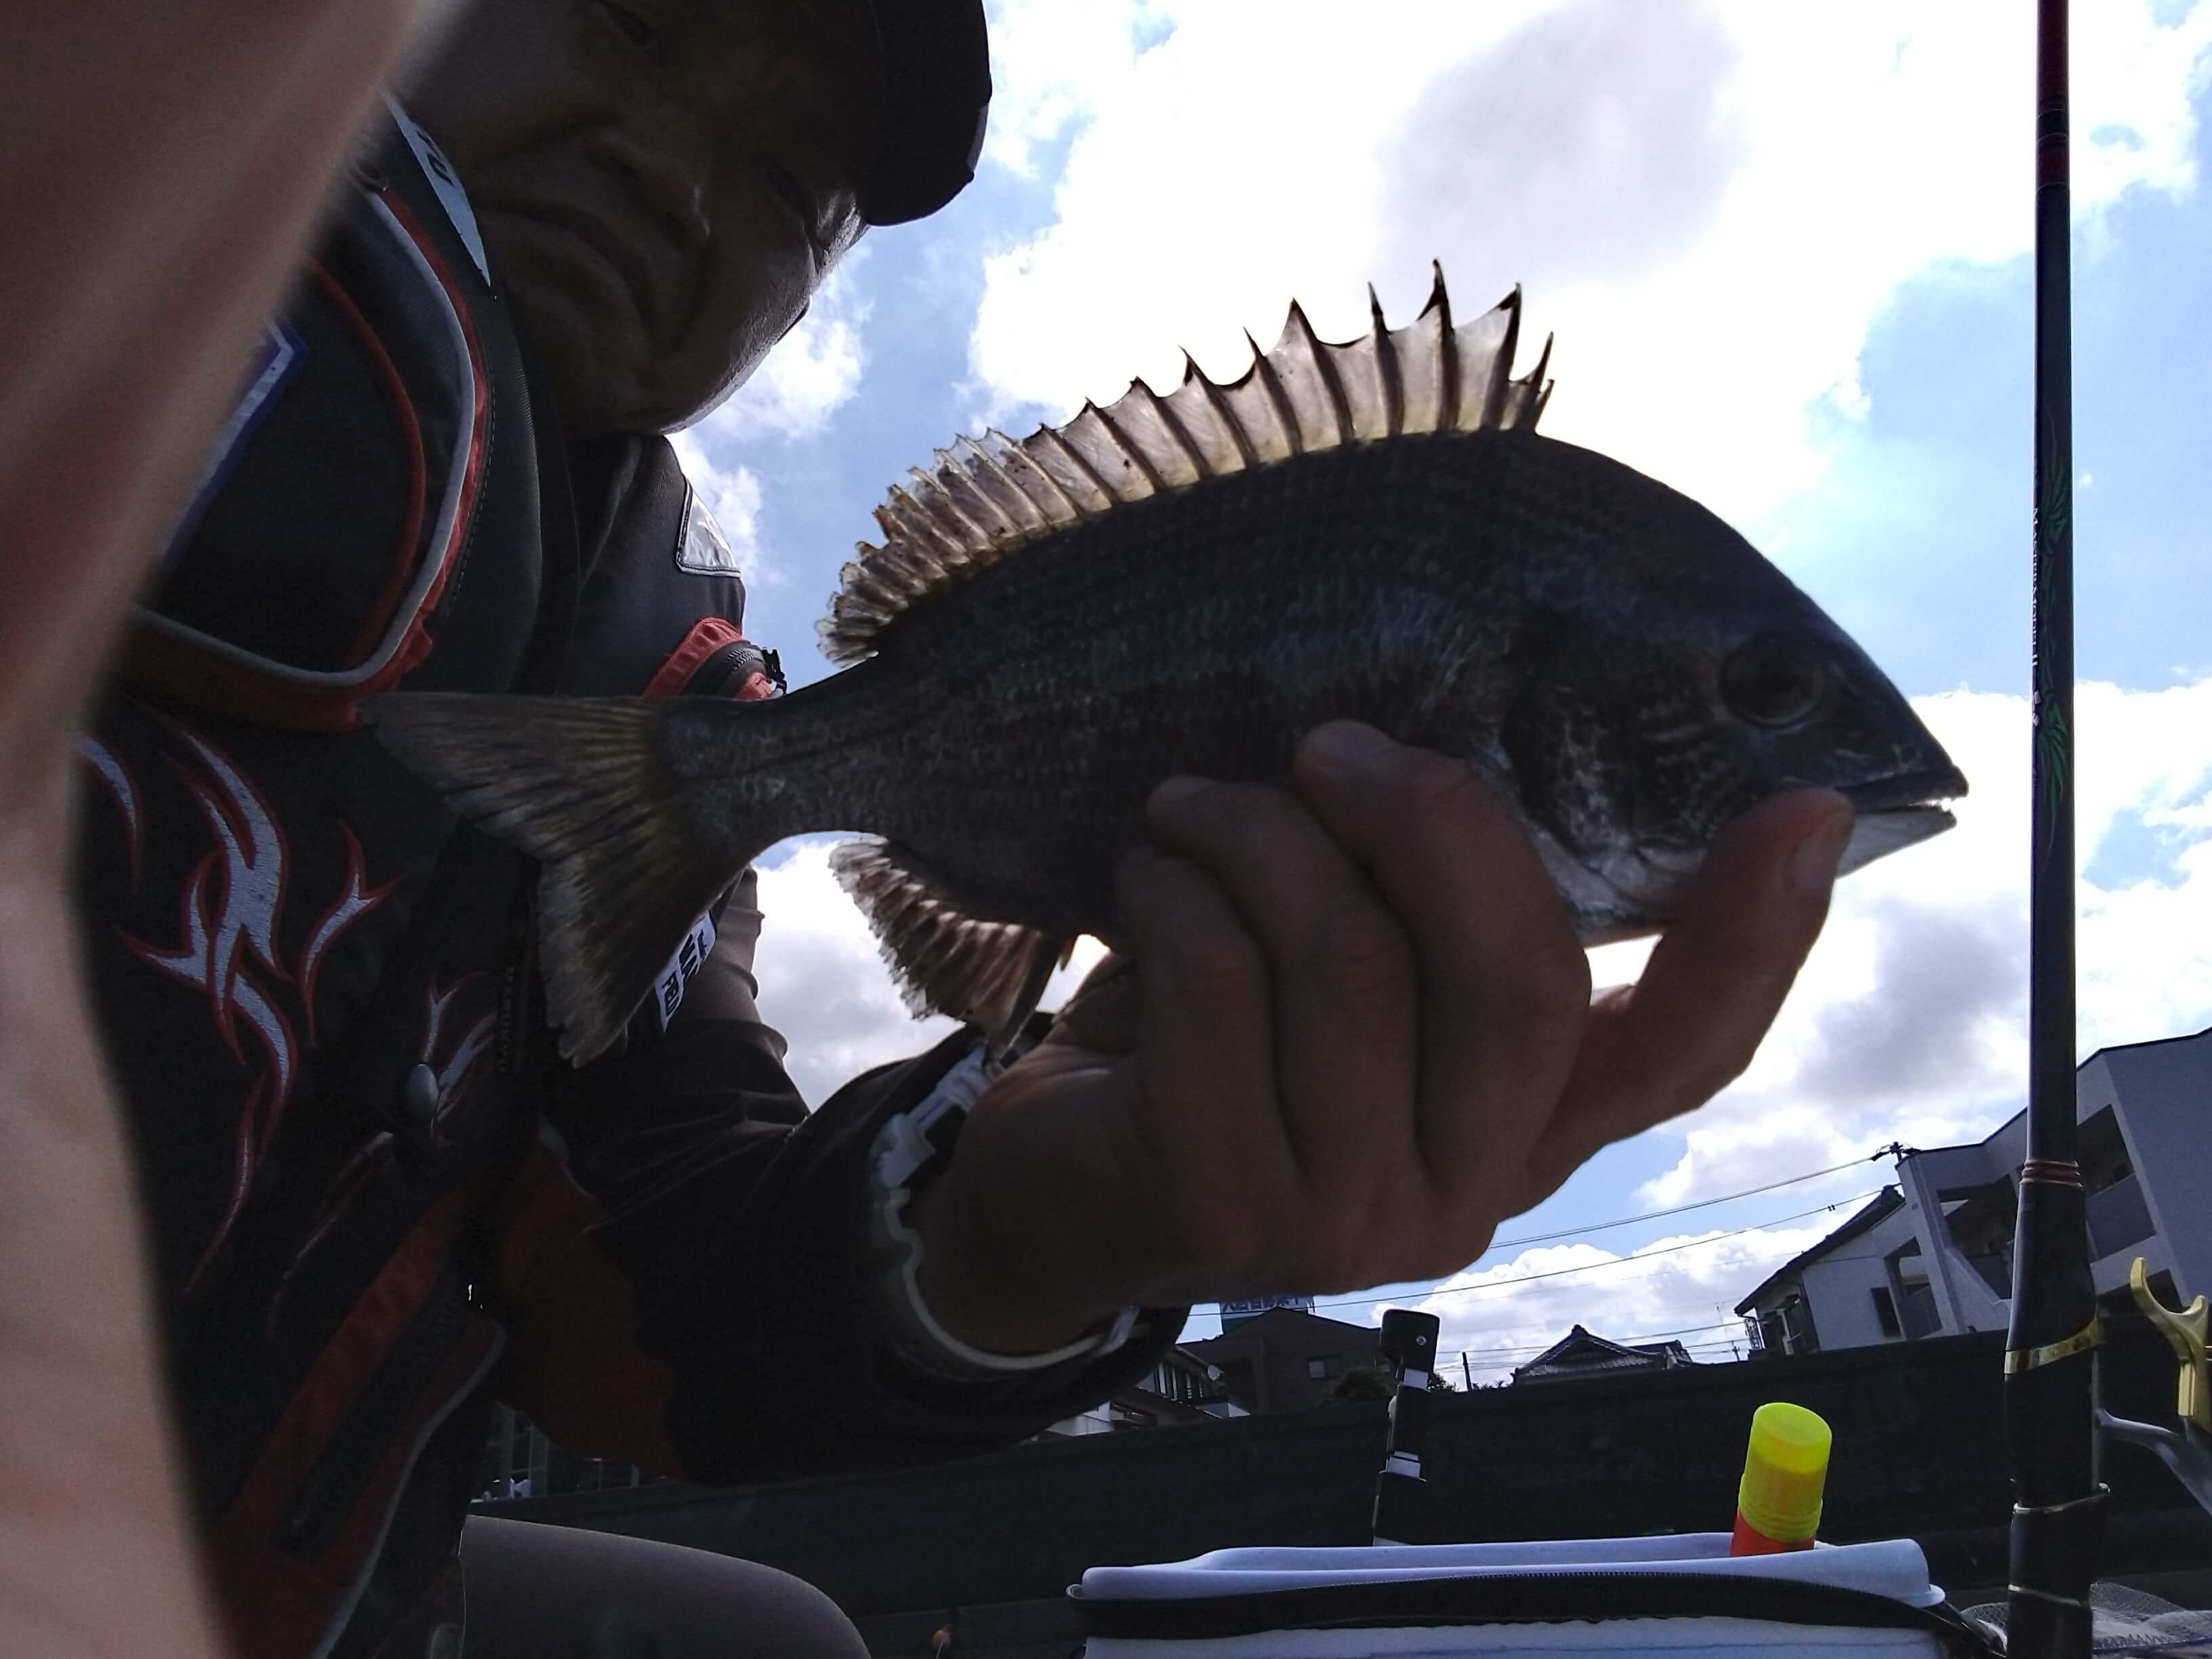 2021年07月19日(月曜日)|クロダイ・チヌ(フカセ釣り)|愛知県 – 常滑港|ウキフカセ|フィールドスタッフ石黒 昌浩